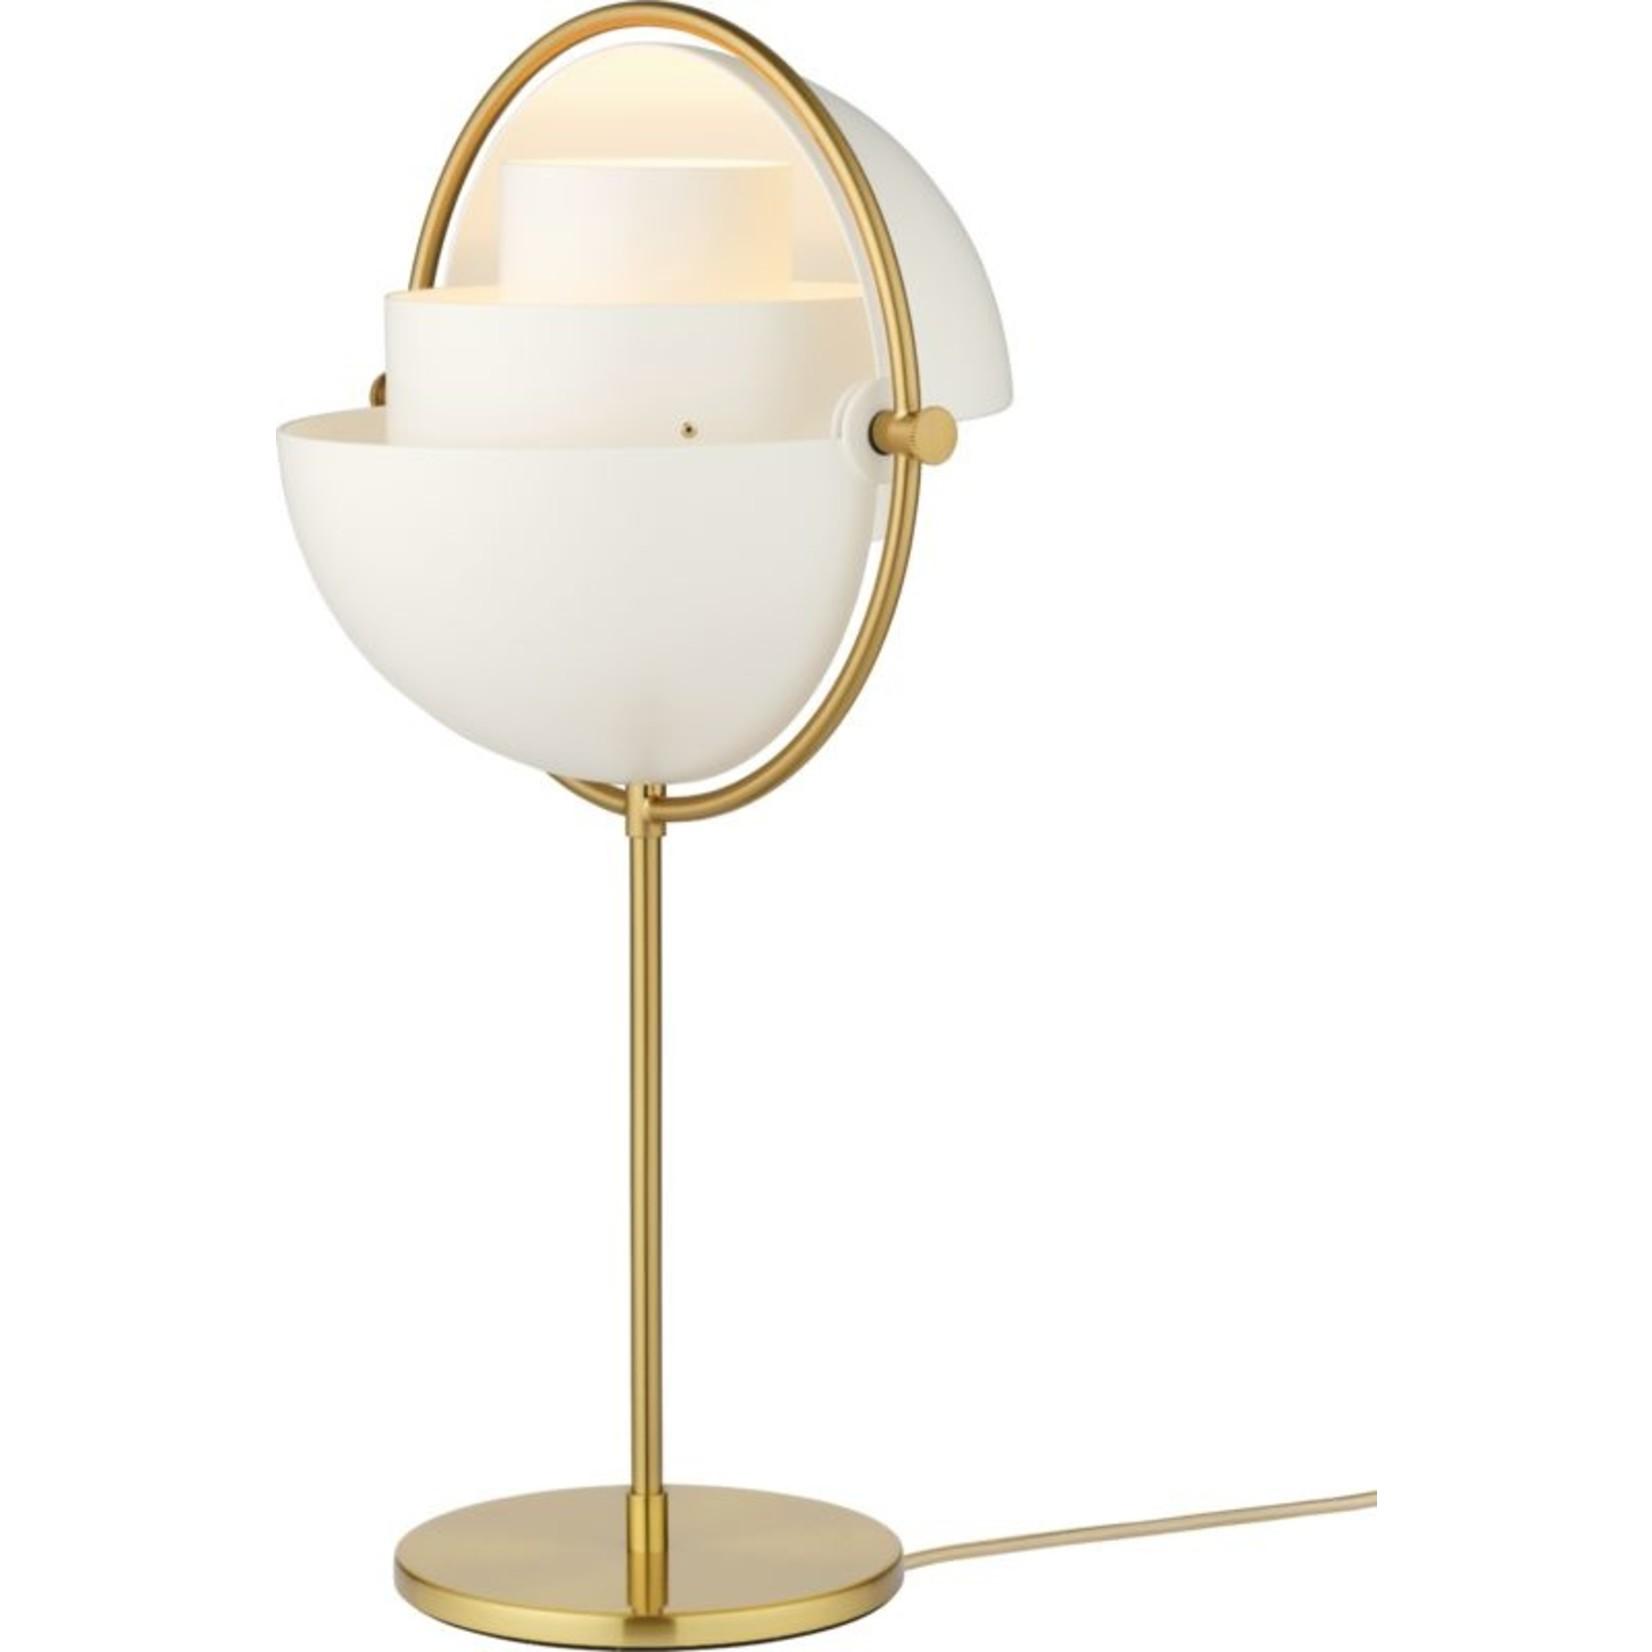 Gubi Multi-Lite Table Lamp   Brass Base & White Semi Matt Shade